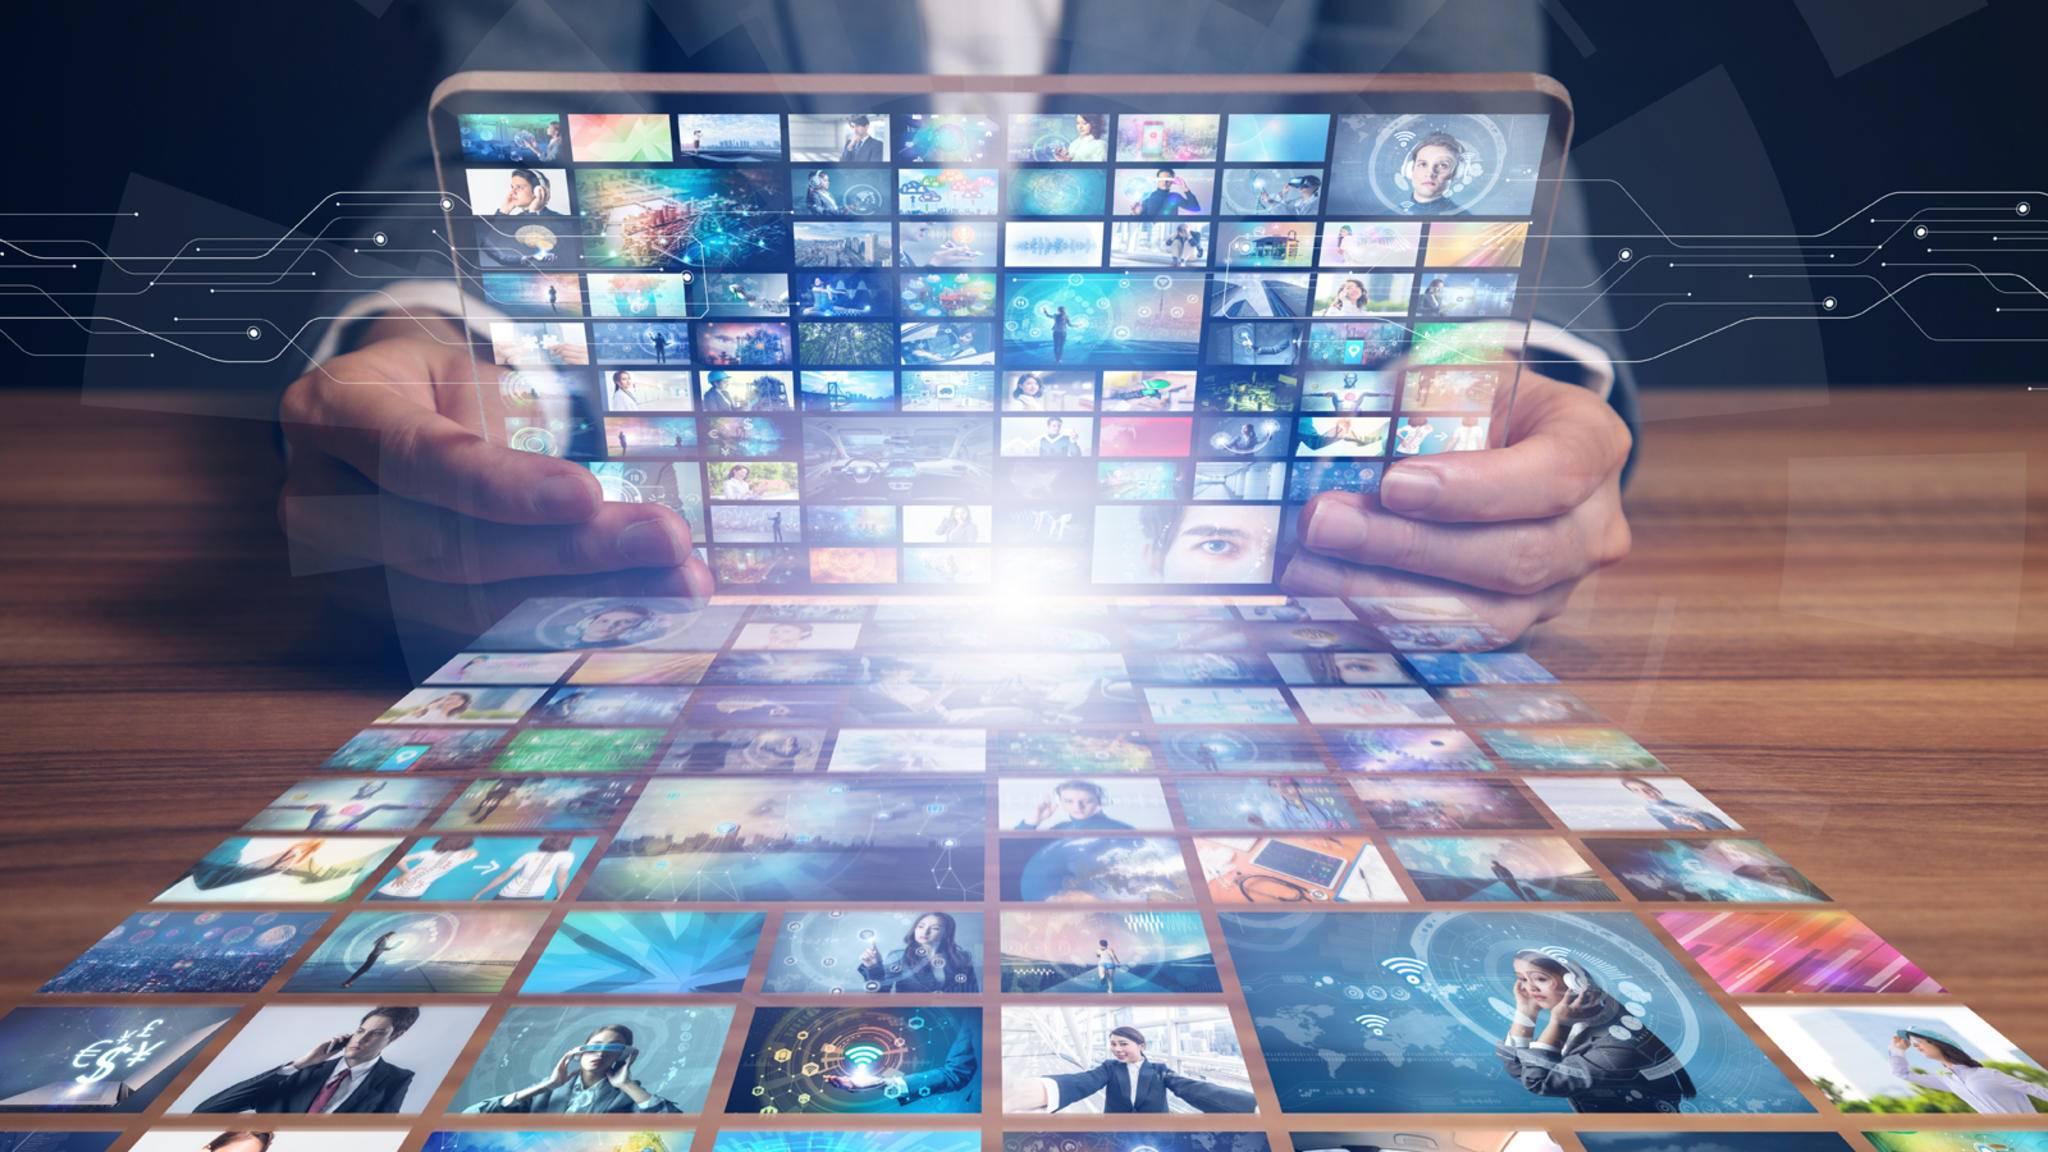 Das Angebot an Streamingdiensten wird immer unübersichtlicher.